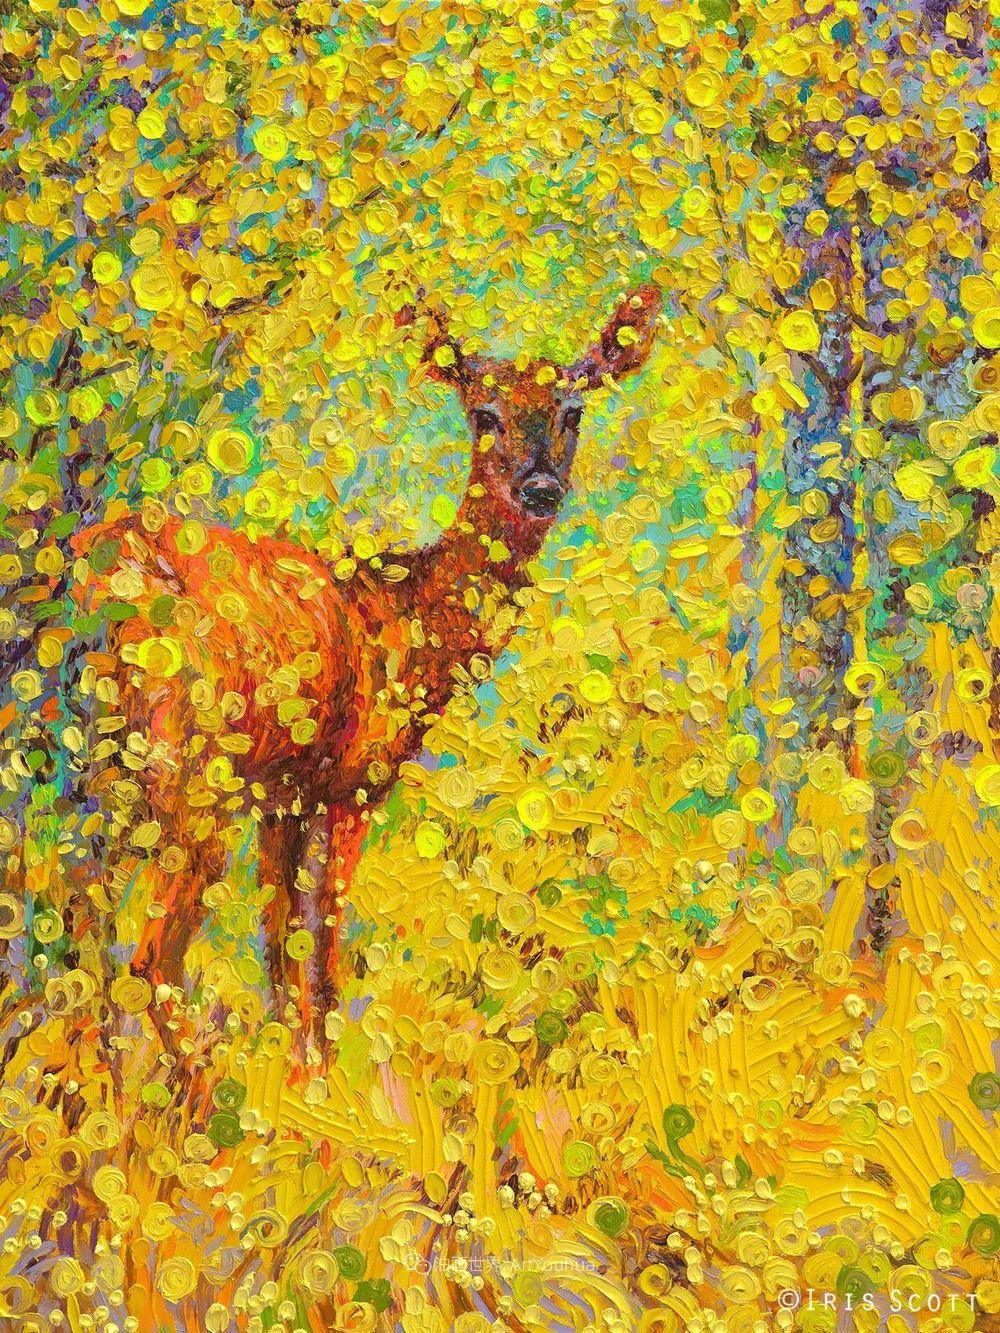 用颜料触摸这个世界!美国画家Iris Scott画选(中)——动植物篇插图51